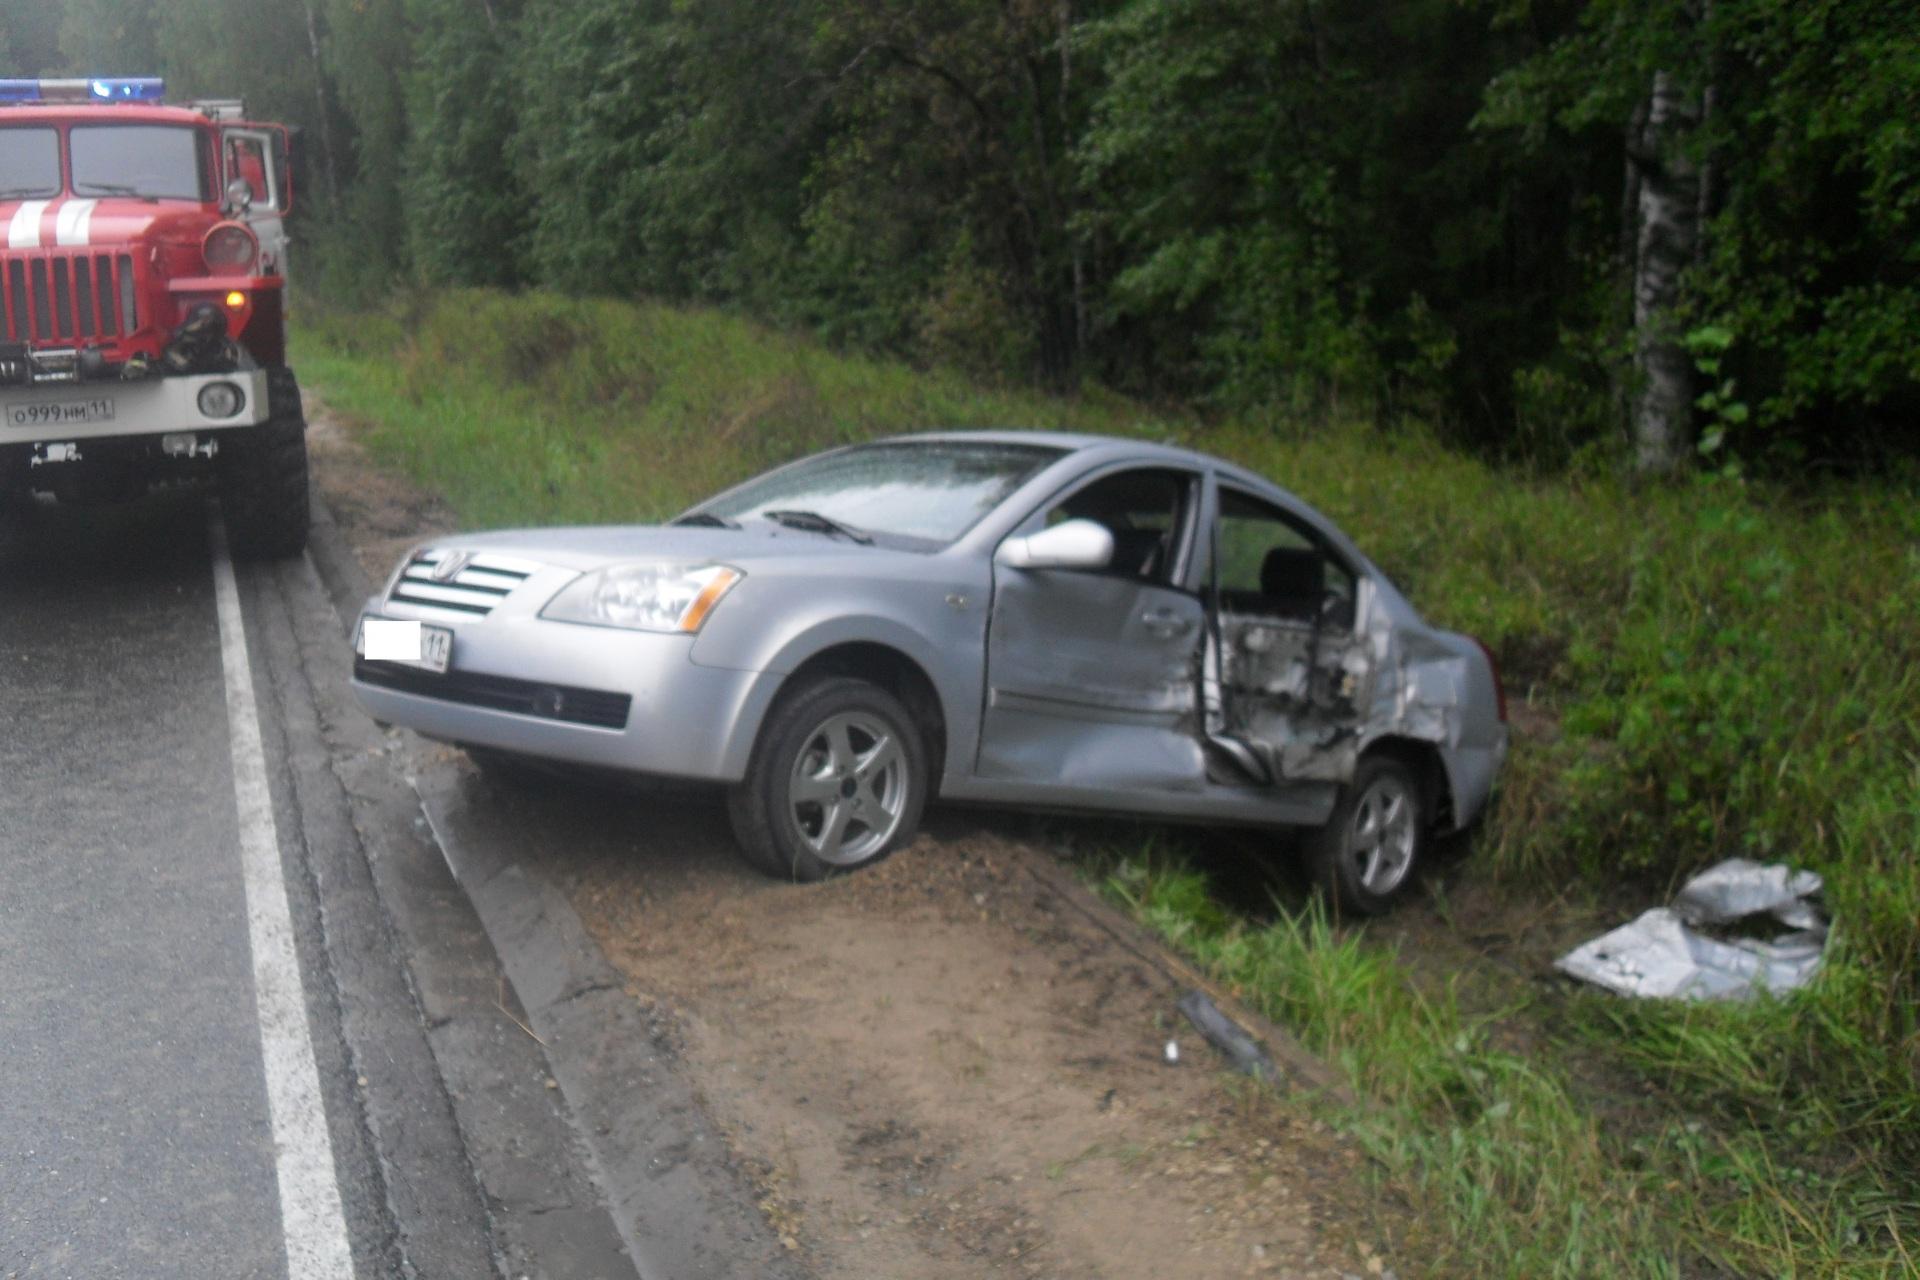 ВУсть-Вымском районе столкнулись два автомобиля